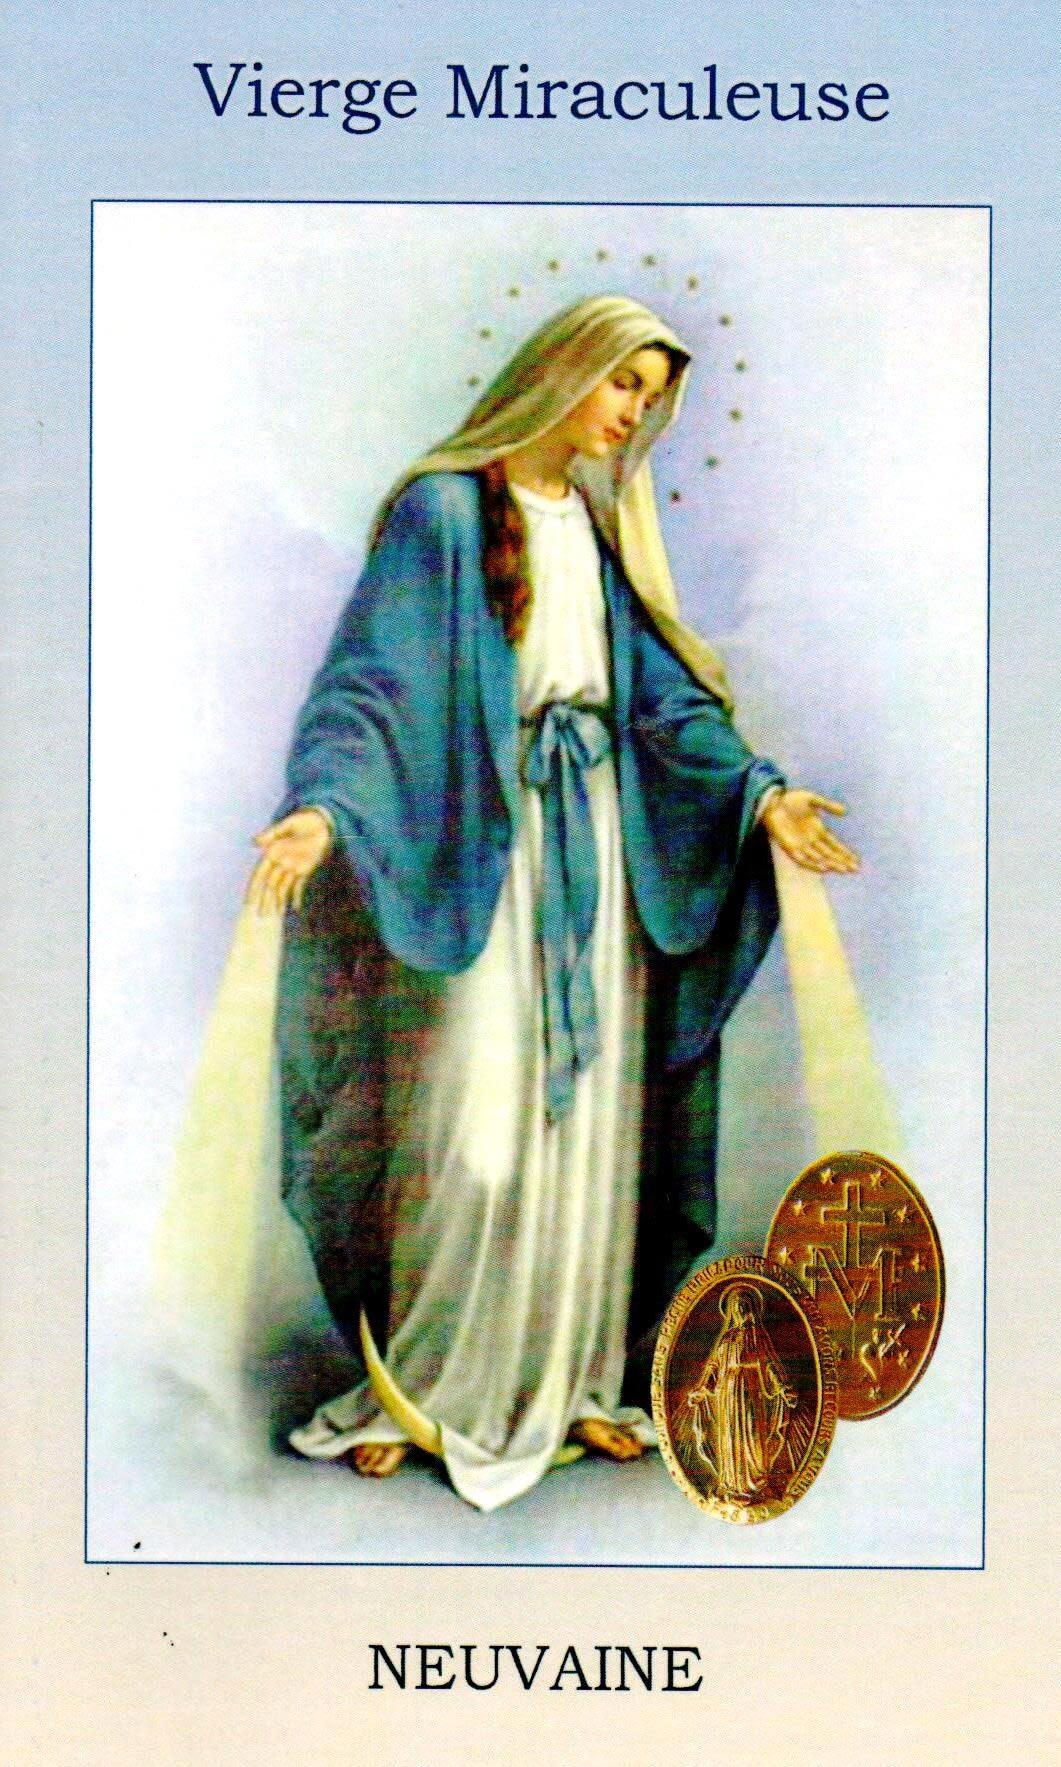 Vierge Miraculeuse Neuvaine